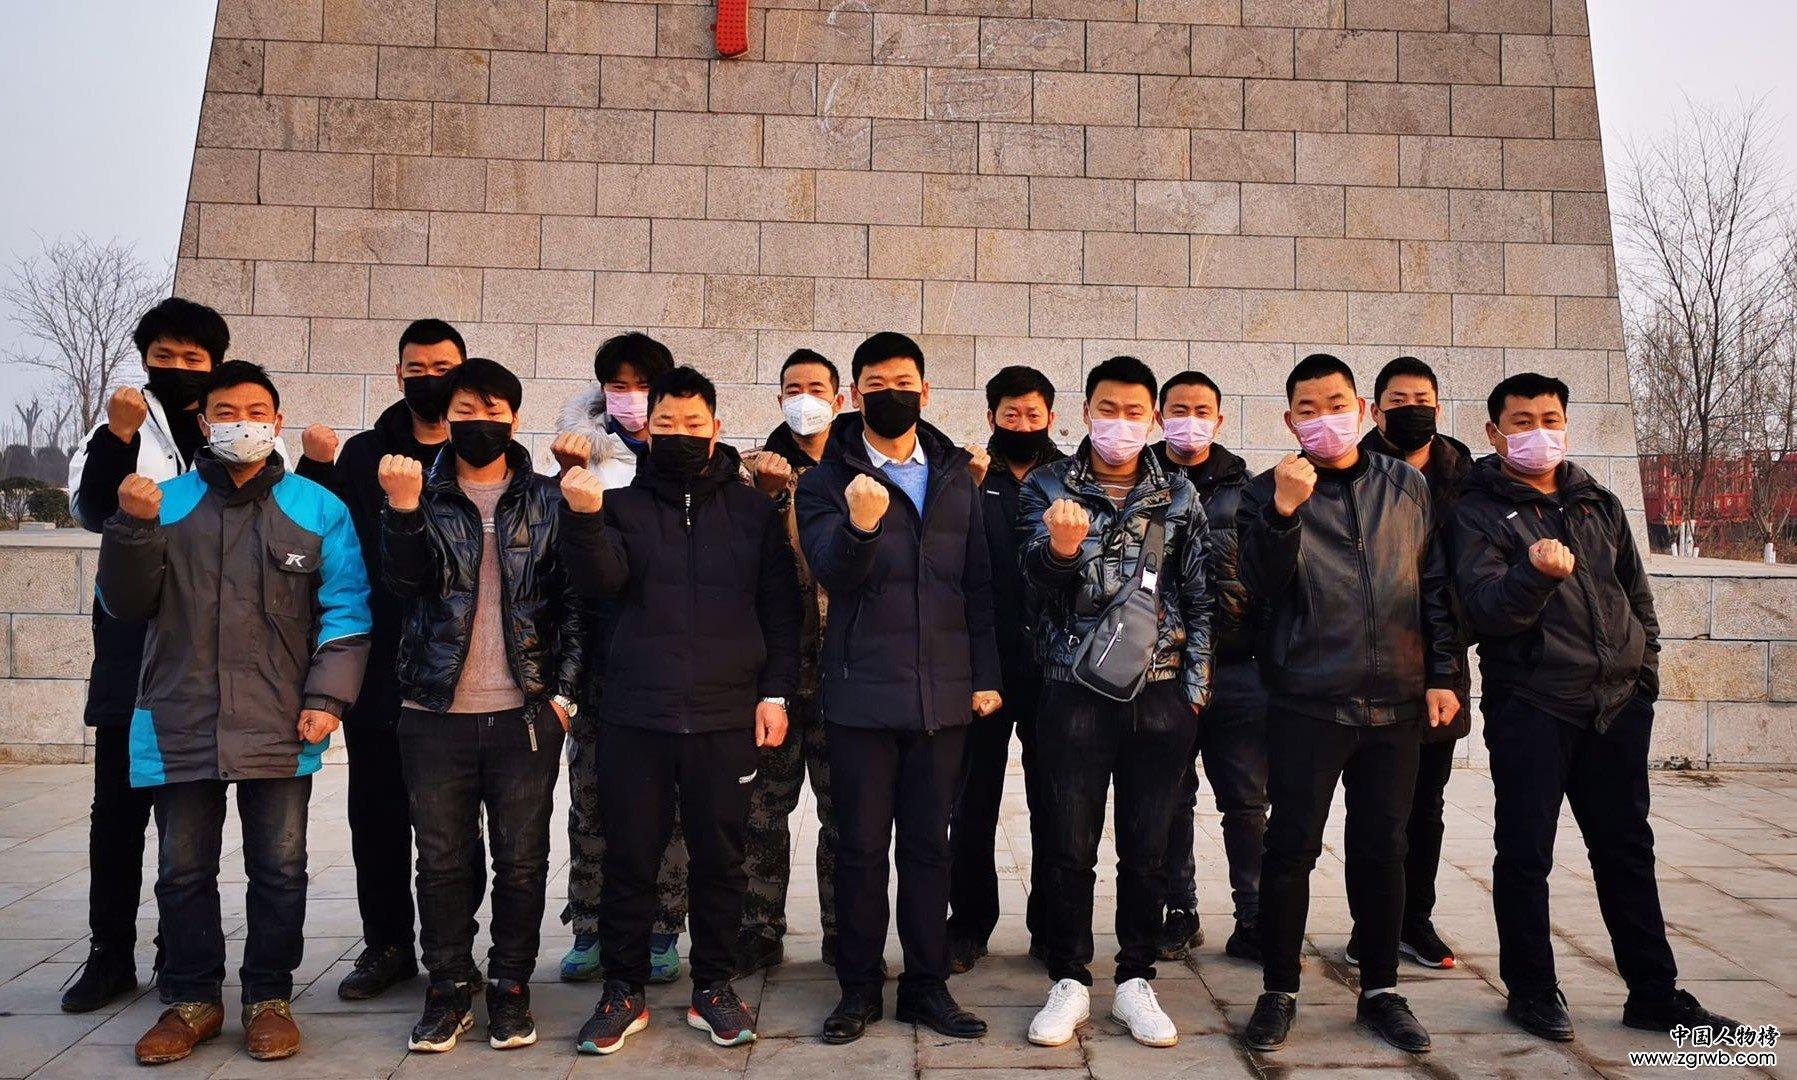 退伍军人李继光:带领突击队赶赴北京积极参加抗击疫情